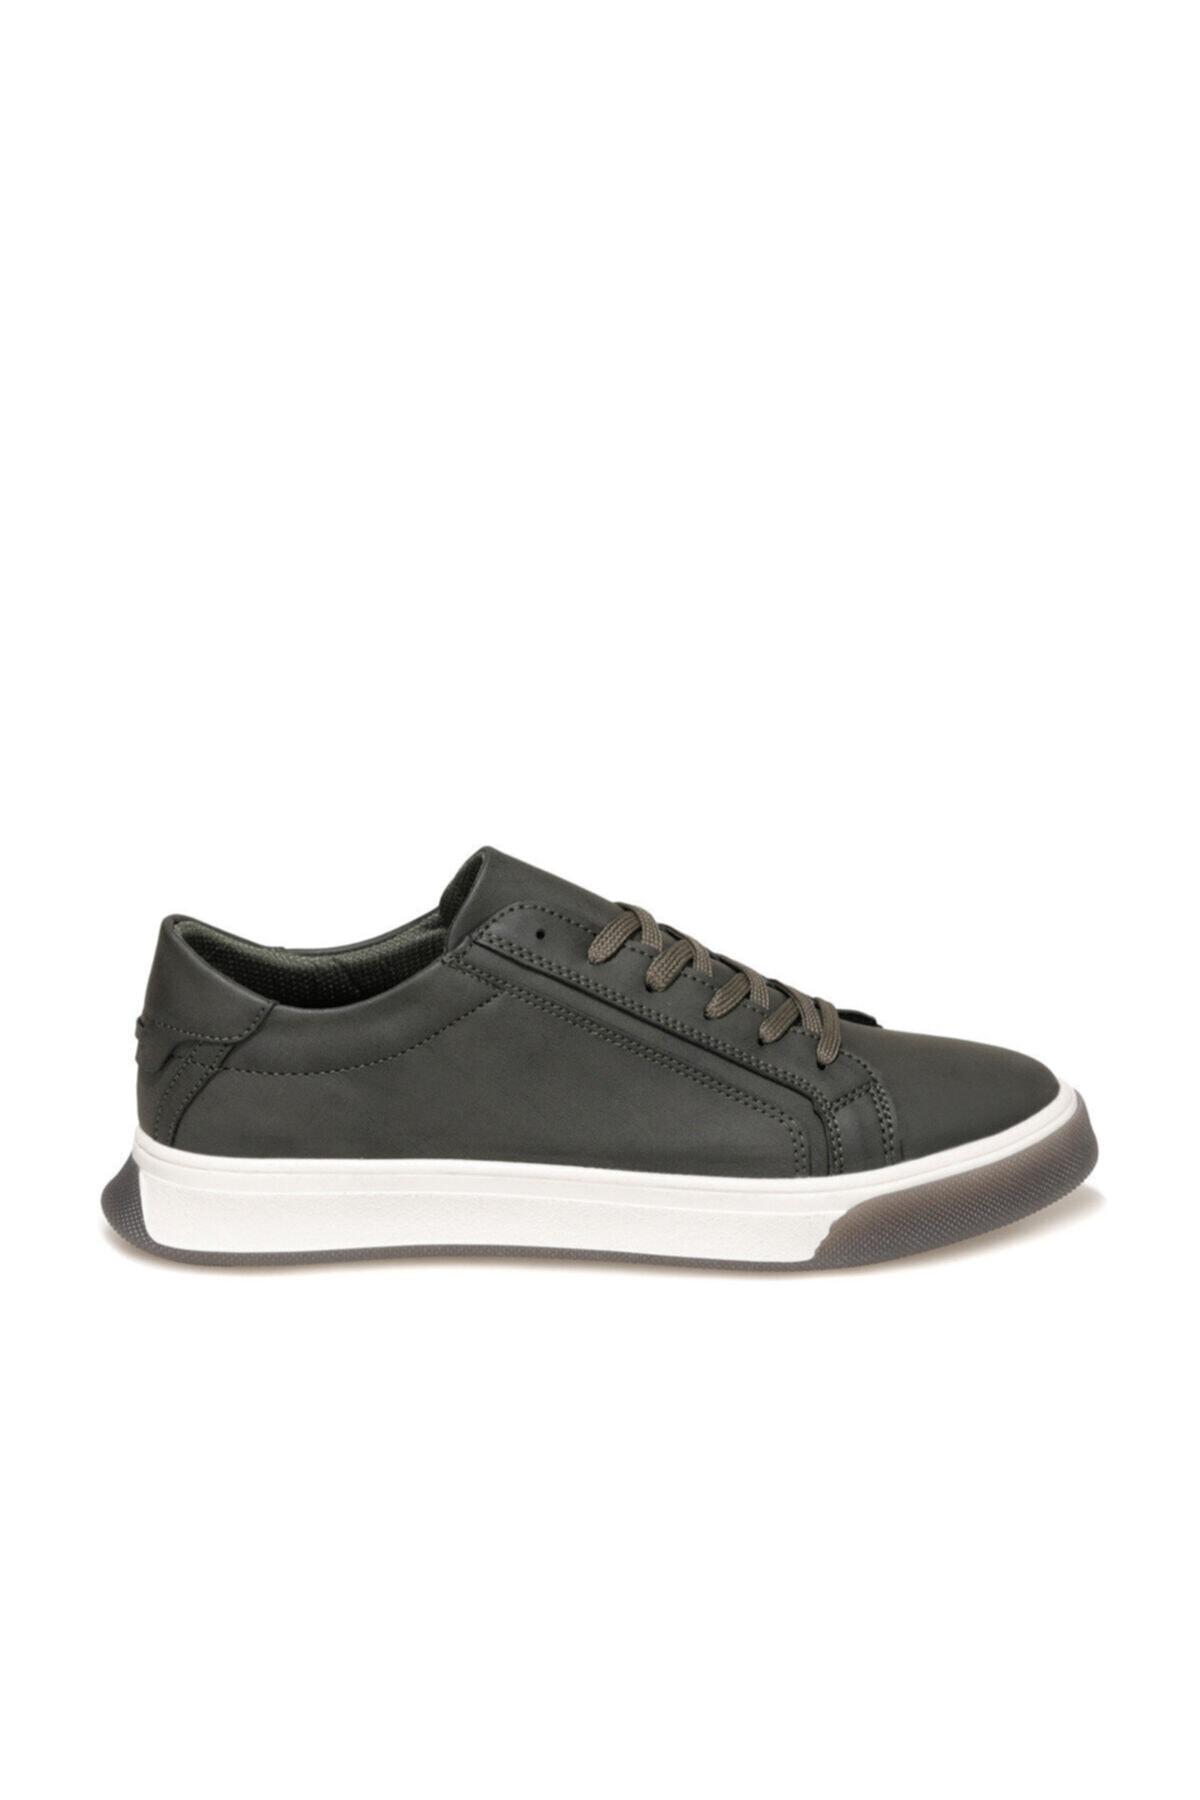 FORESTER 9104 1FX Haki Erkek Kalın Tabanlı Sneaker 100909435 2